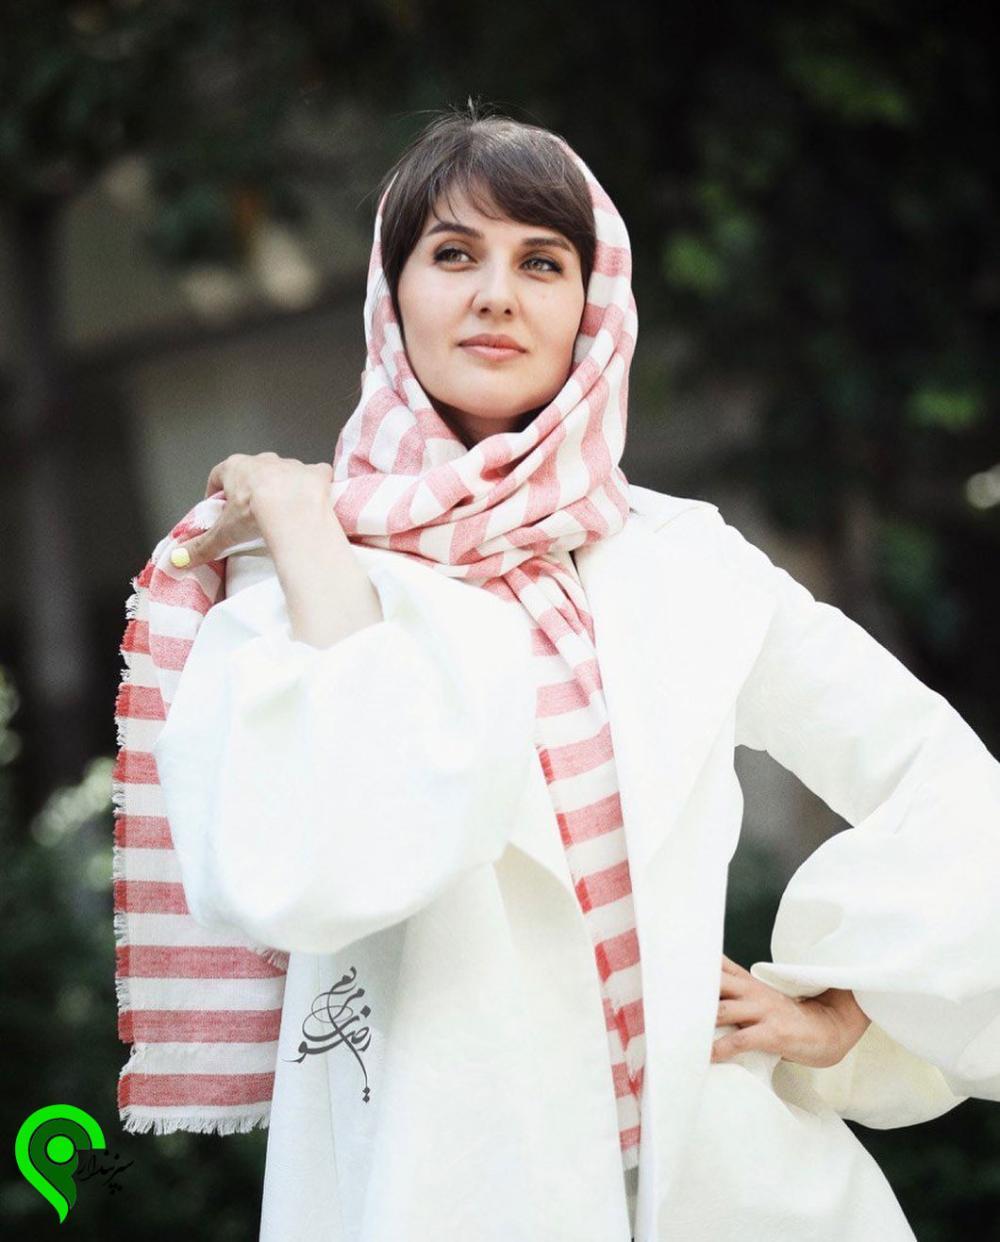 گلوریا هاردی بازیگر دورگه ایرانی فرانسوی و همسر ساعد سهیلی است اینجا بیوگرافی گلوریا هاردی که با نقش لیلا در سریال سرباز Fashion Persian Girls Fashion Design